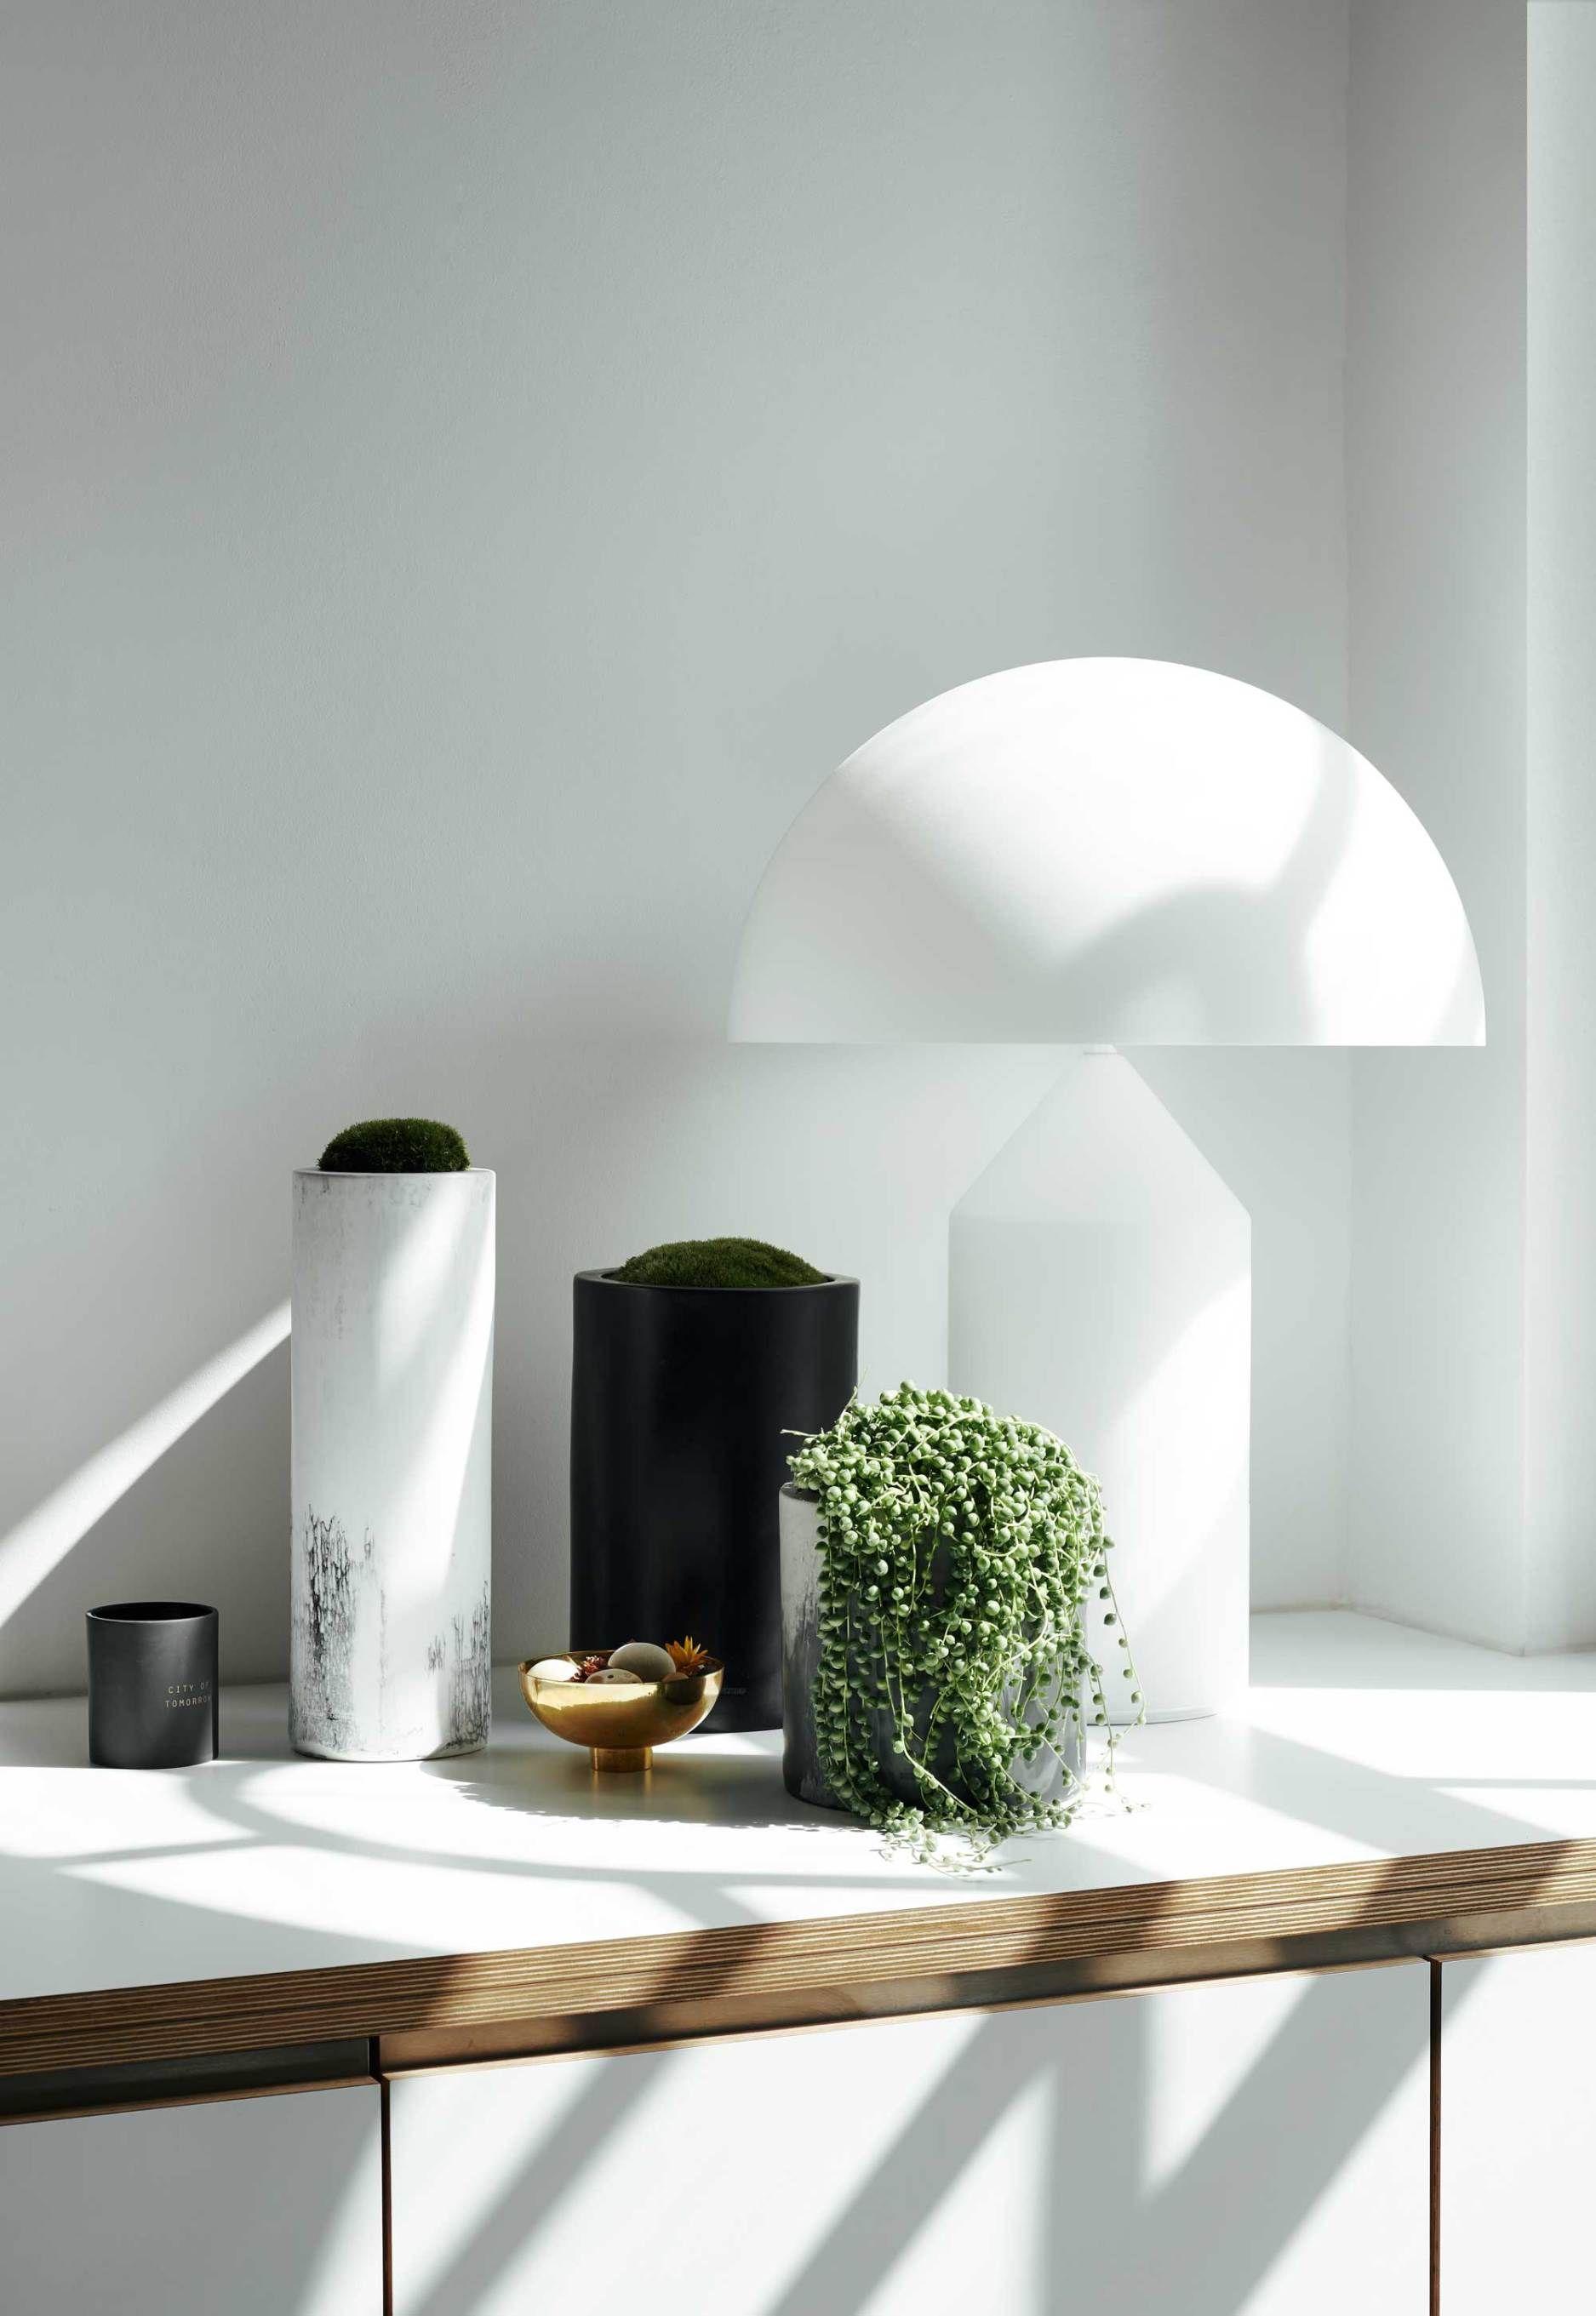 Küchen-designmöbel home tour  new flat  pinterest